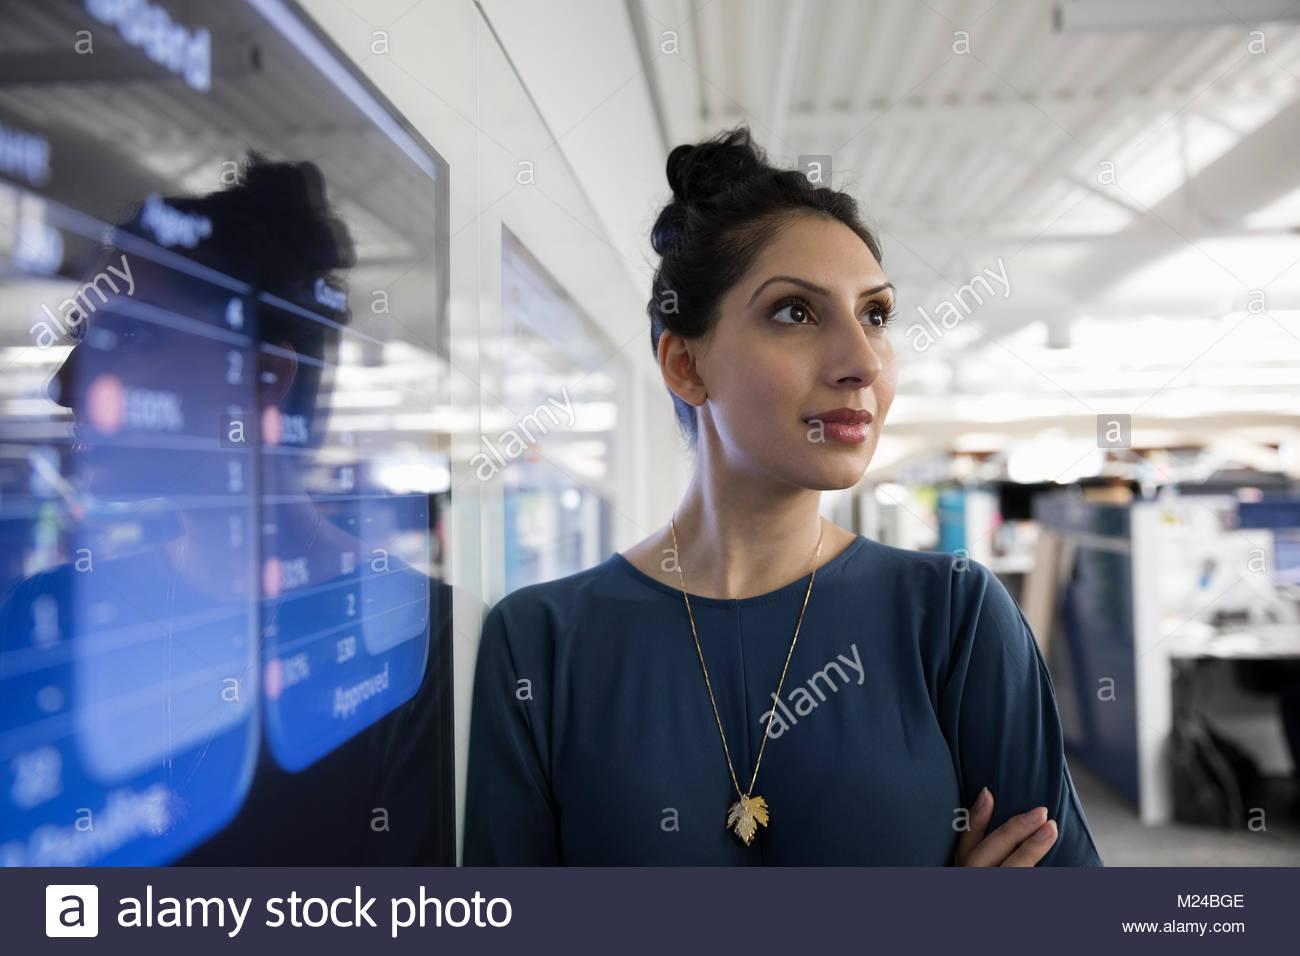 Determinata imprenditrice a schermo in ufficio Immagini Stock